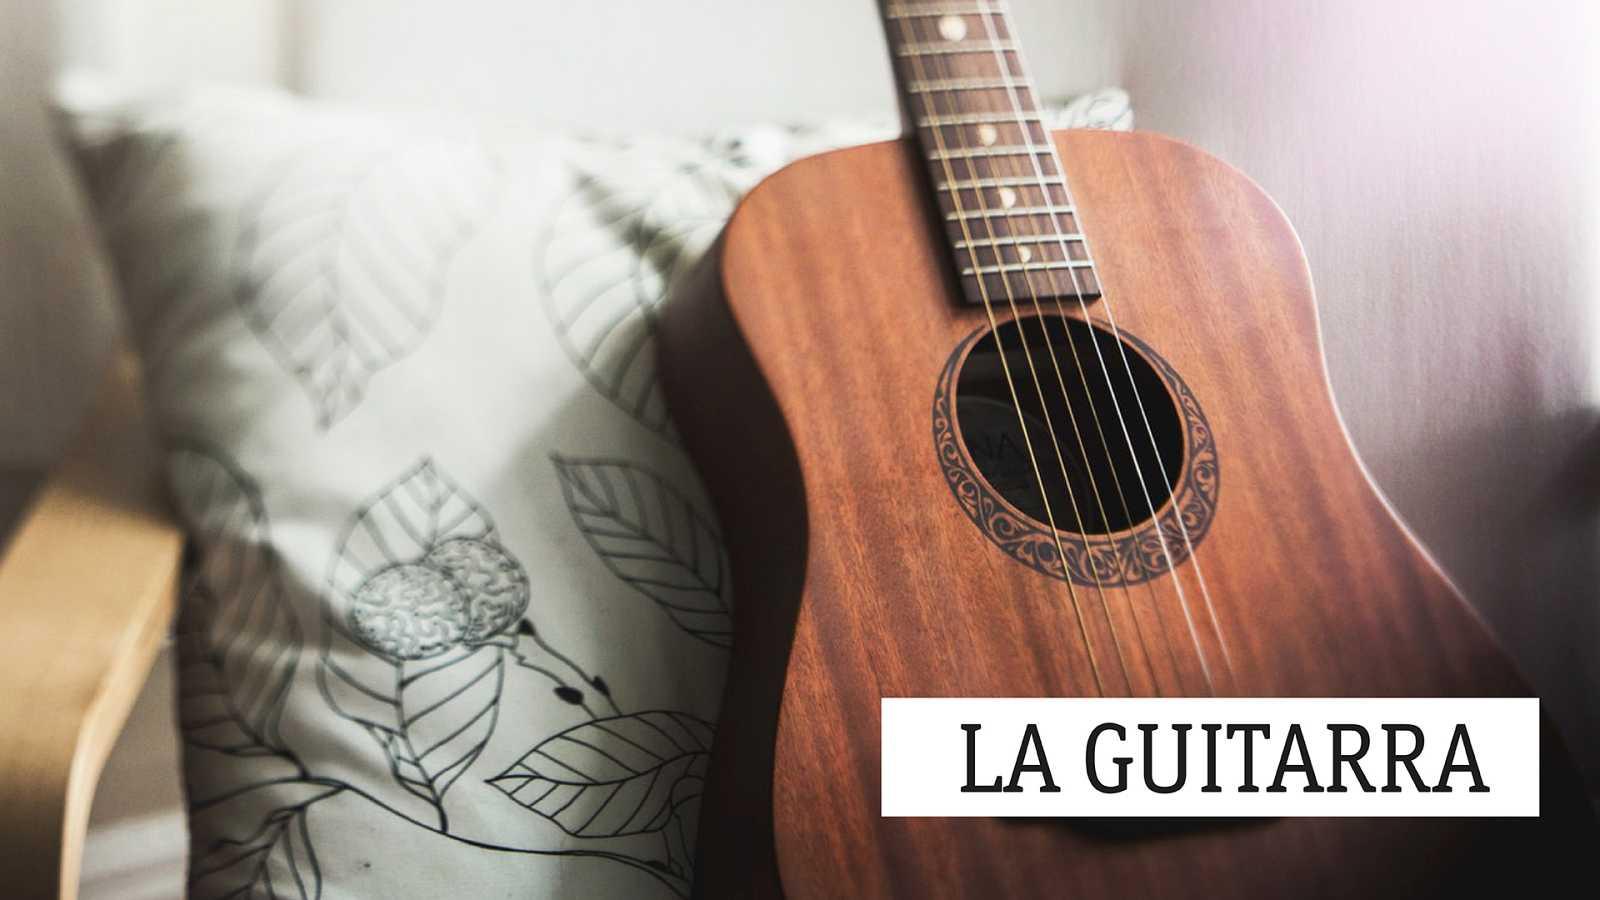 La guitarra - Raphaël Fauillâtre - 07/06/20 - escuchar ahora